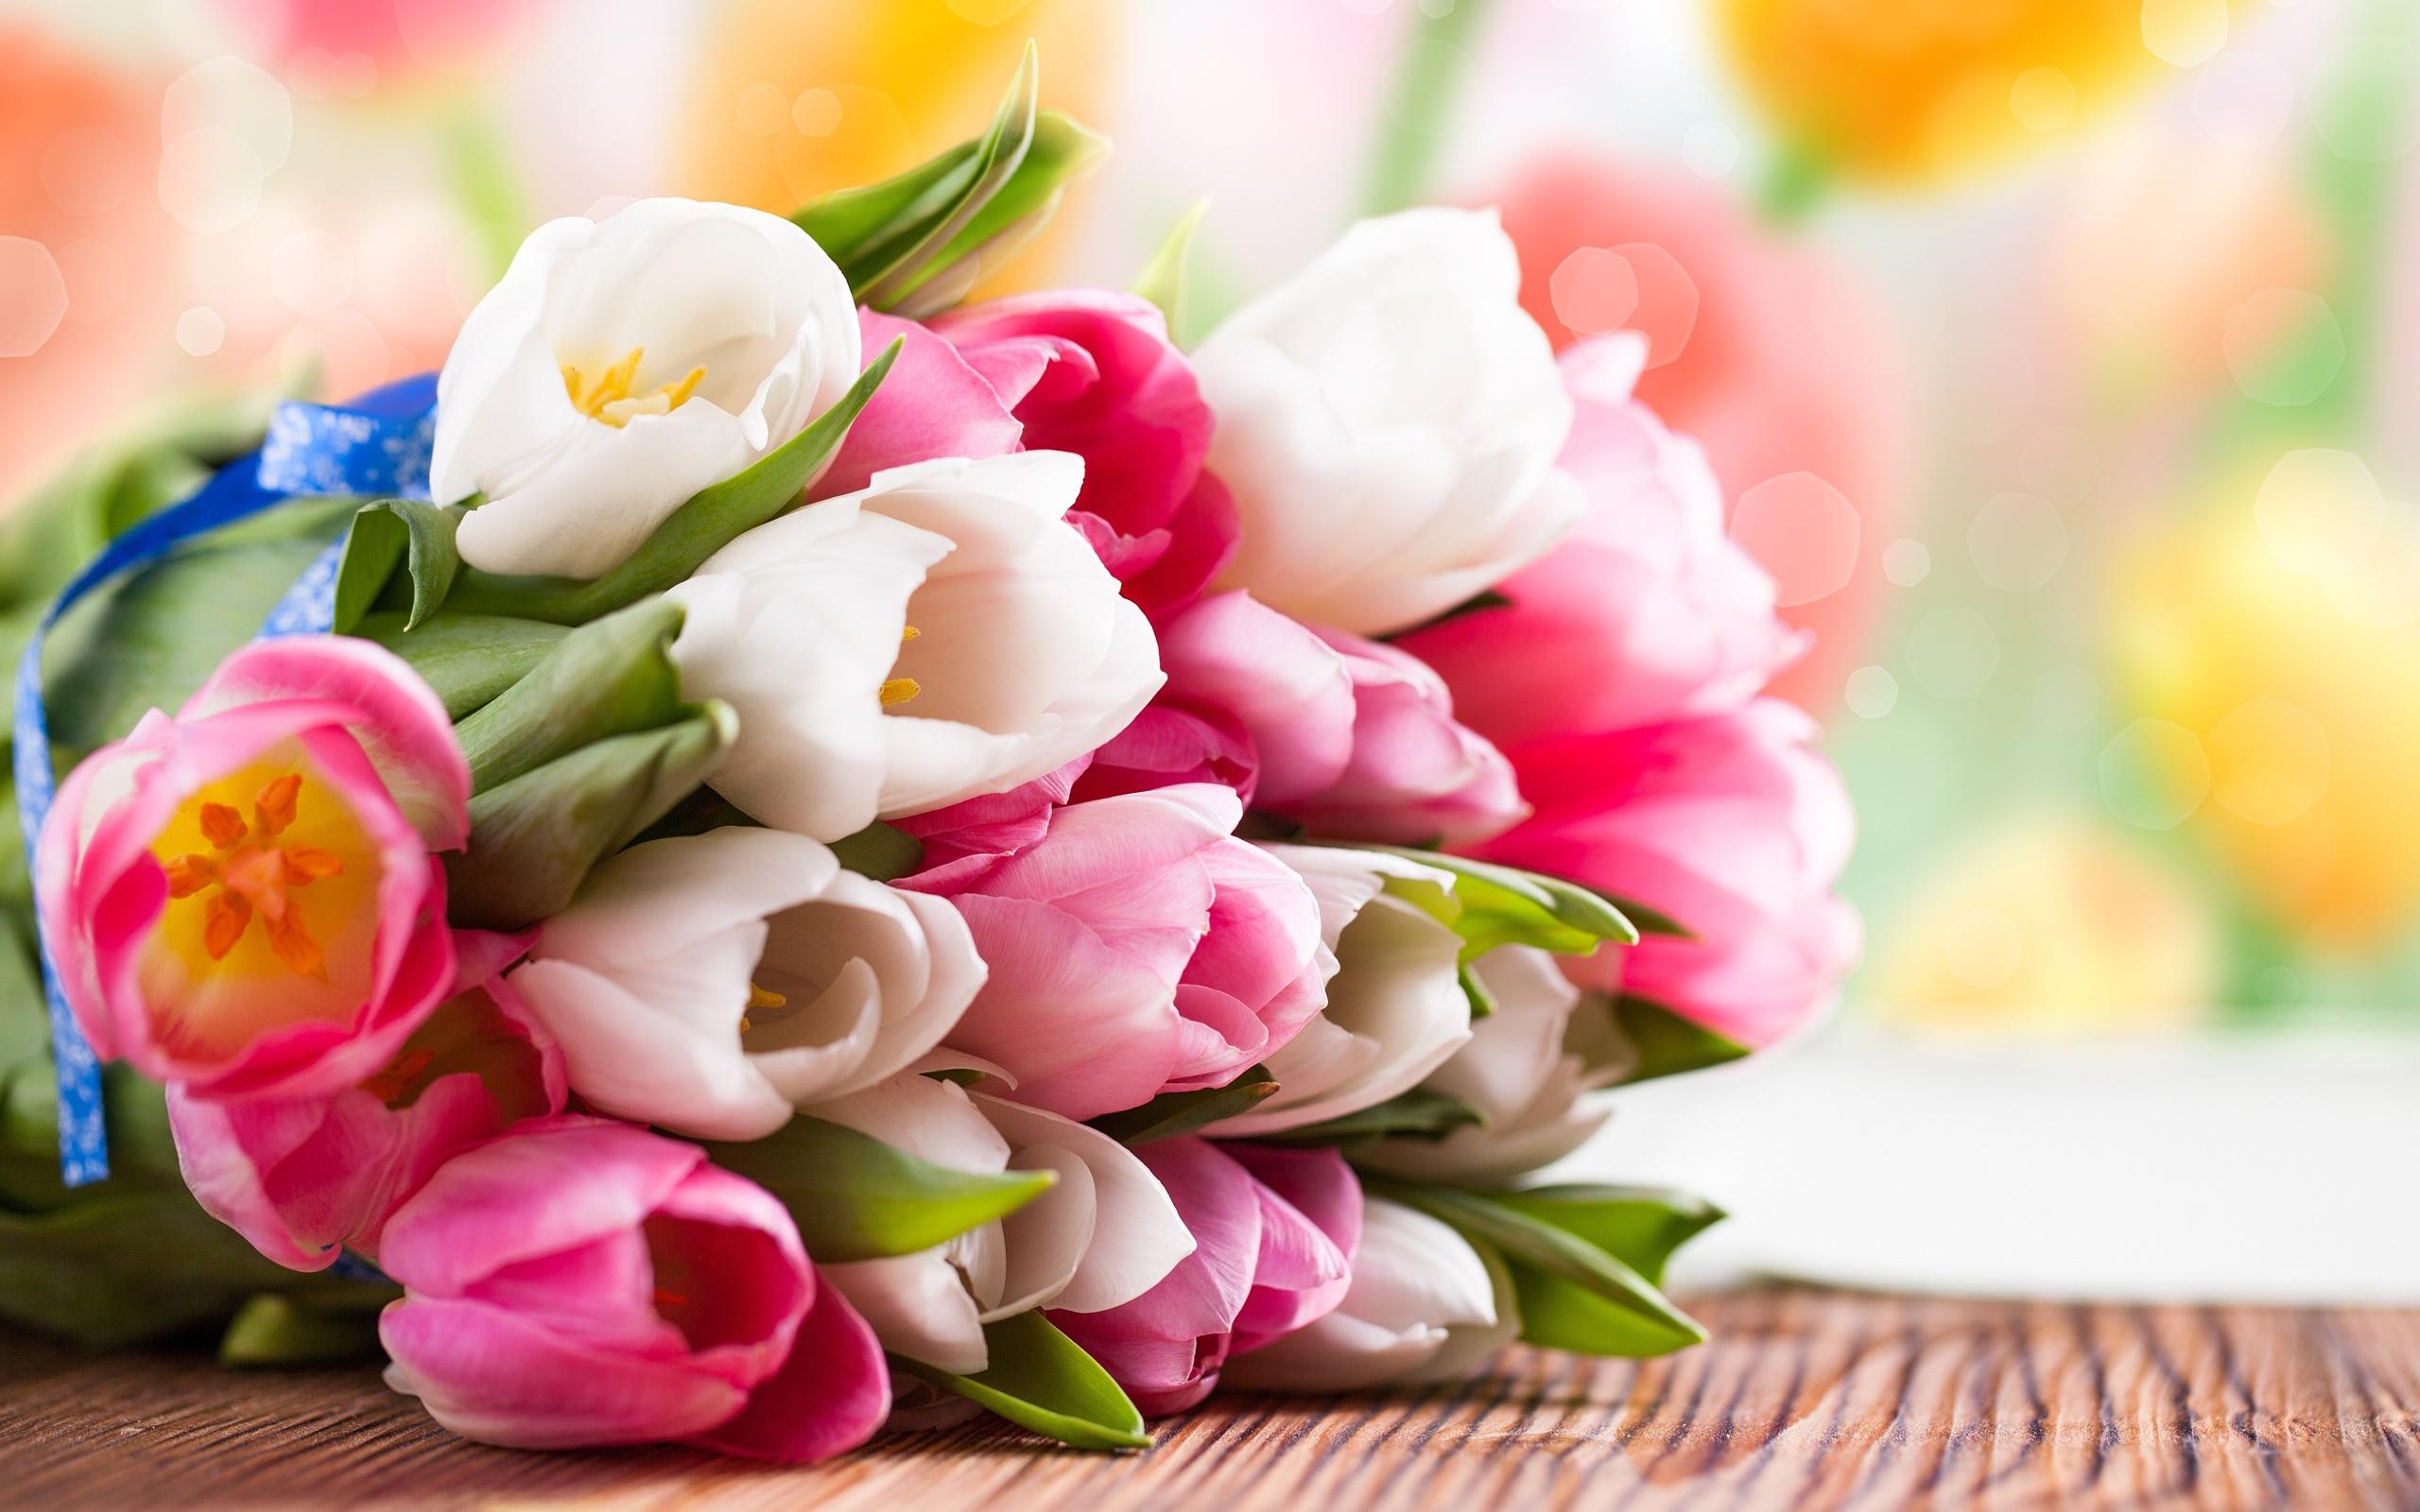 웨딩_부케_Pink-and-white-tulip-flower-bouquet_2560x1600, 사진=magic4walls닷com